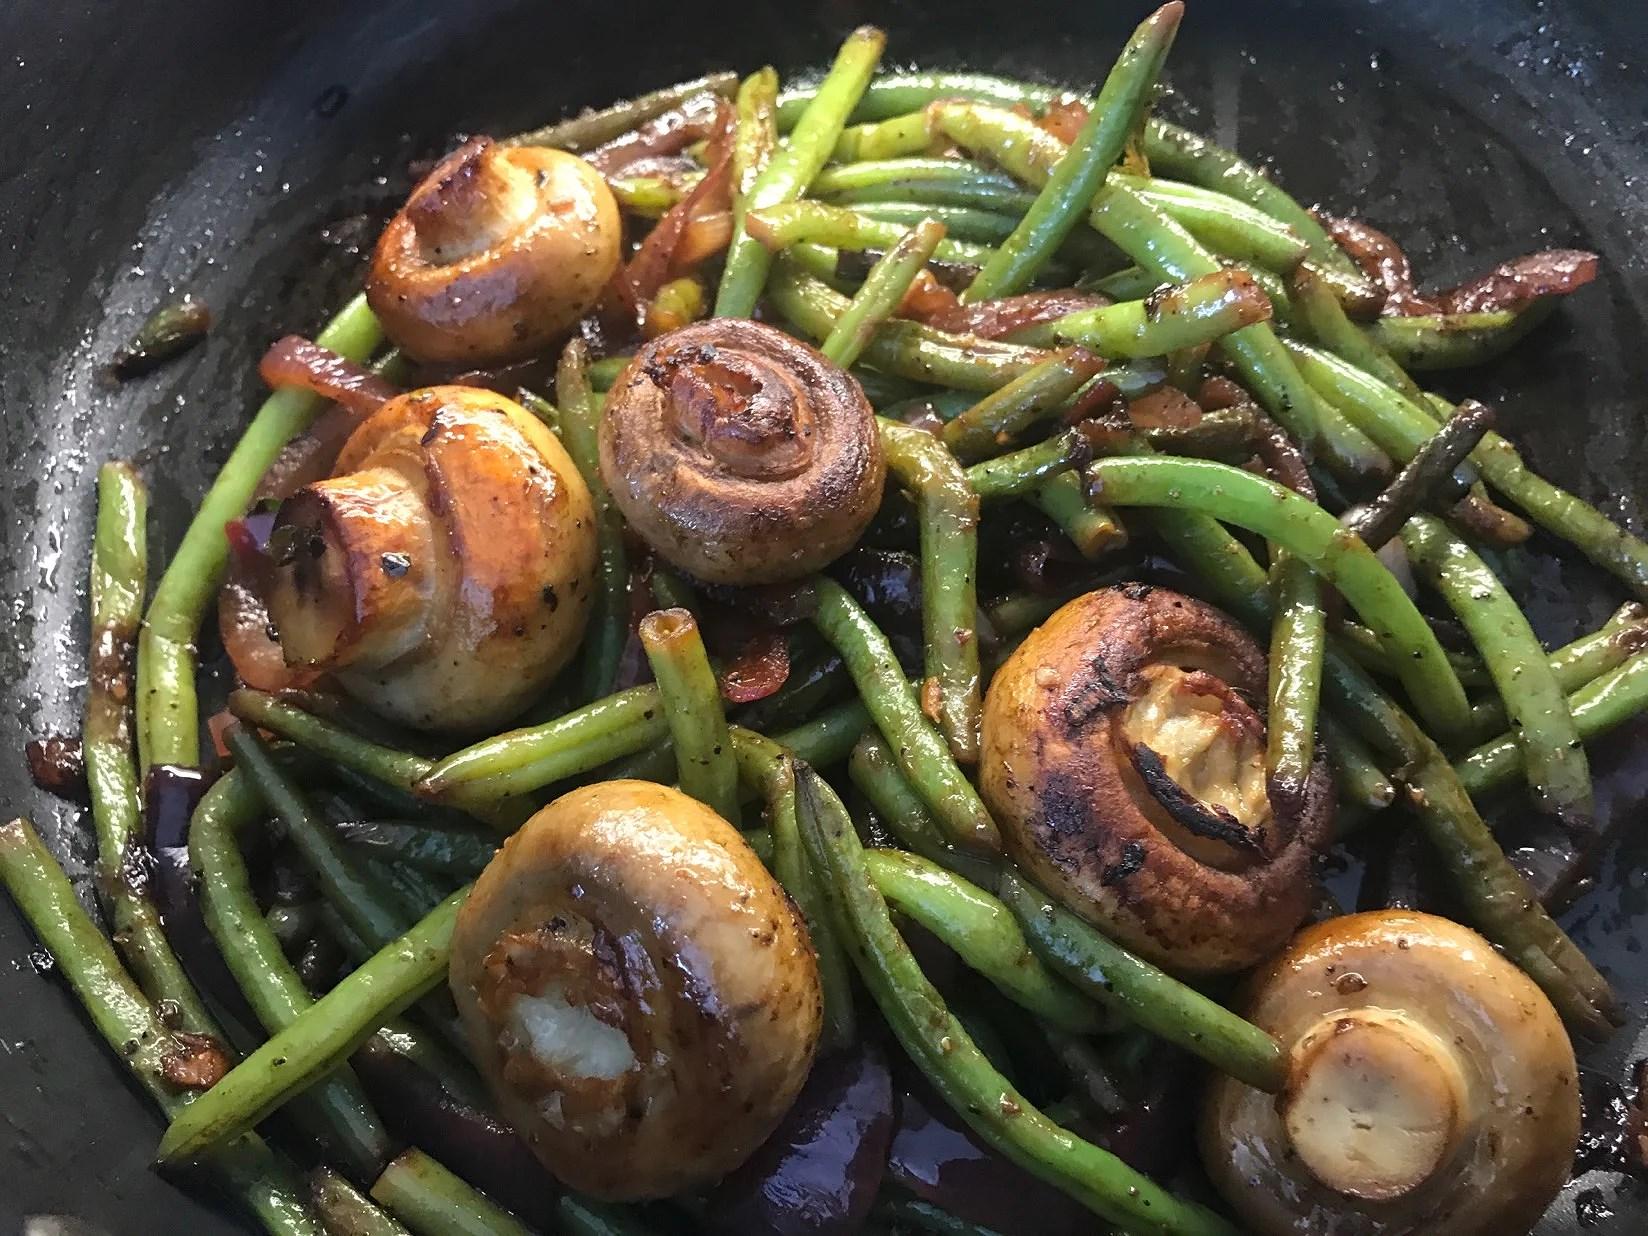 Vegan lunch- Haricot verts med rödlök, champinjoner, vitlök, chili och honung